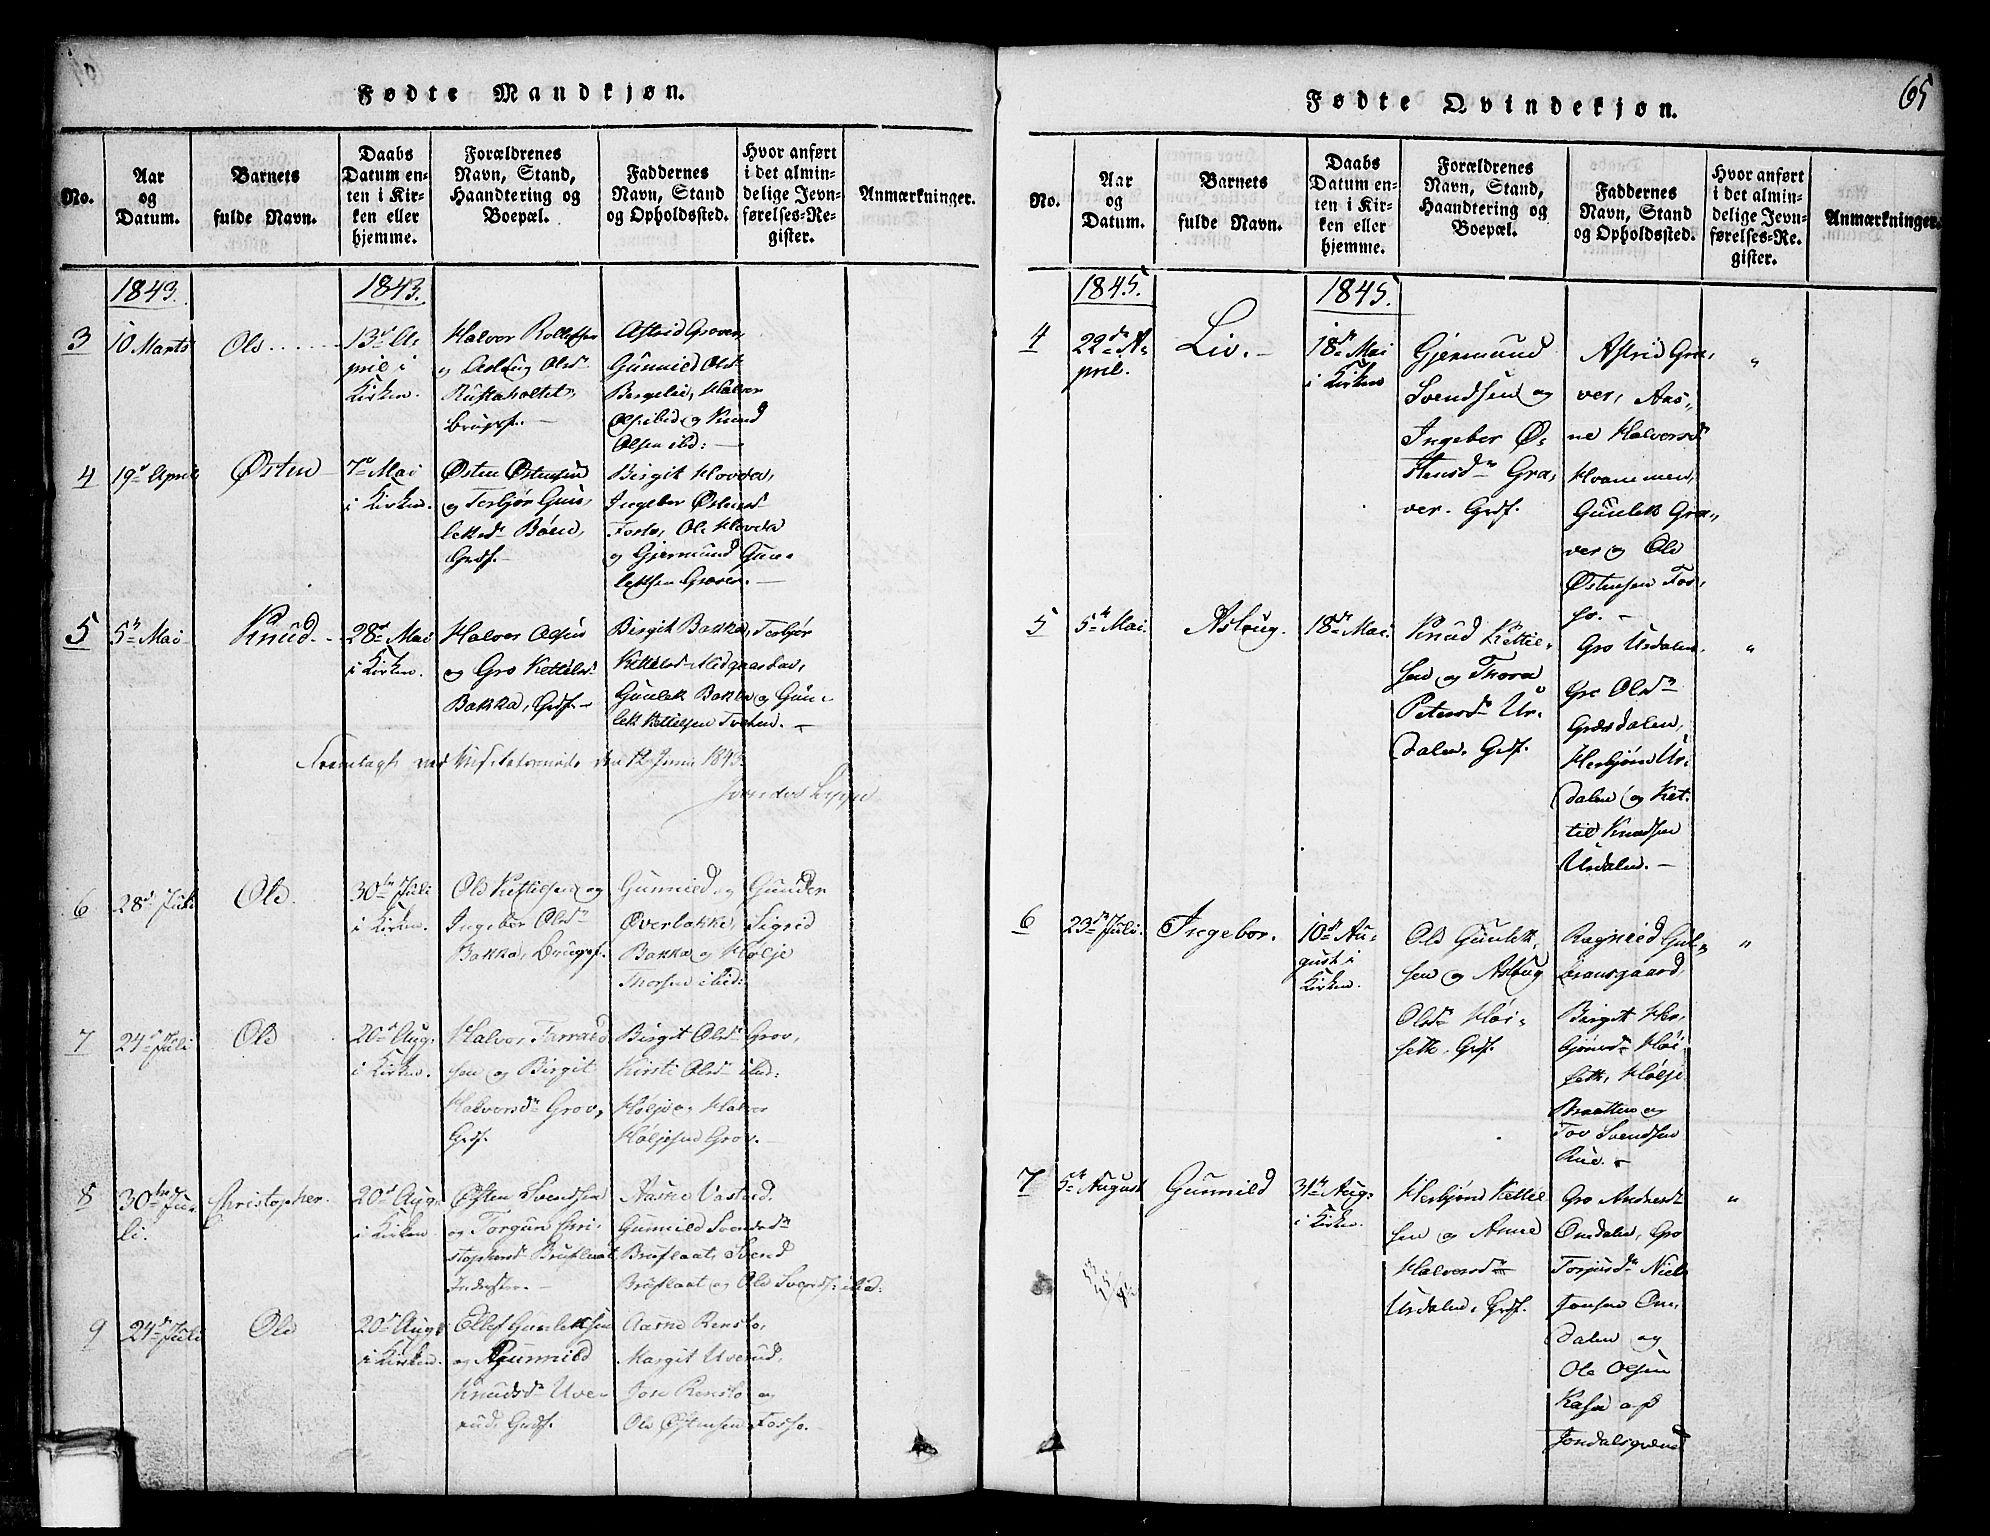 SAKO, Gransherad kirkebøker, G/Gb/L0001: Klokkerbok nr. II 1, 1815-1860, s. 65